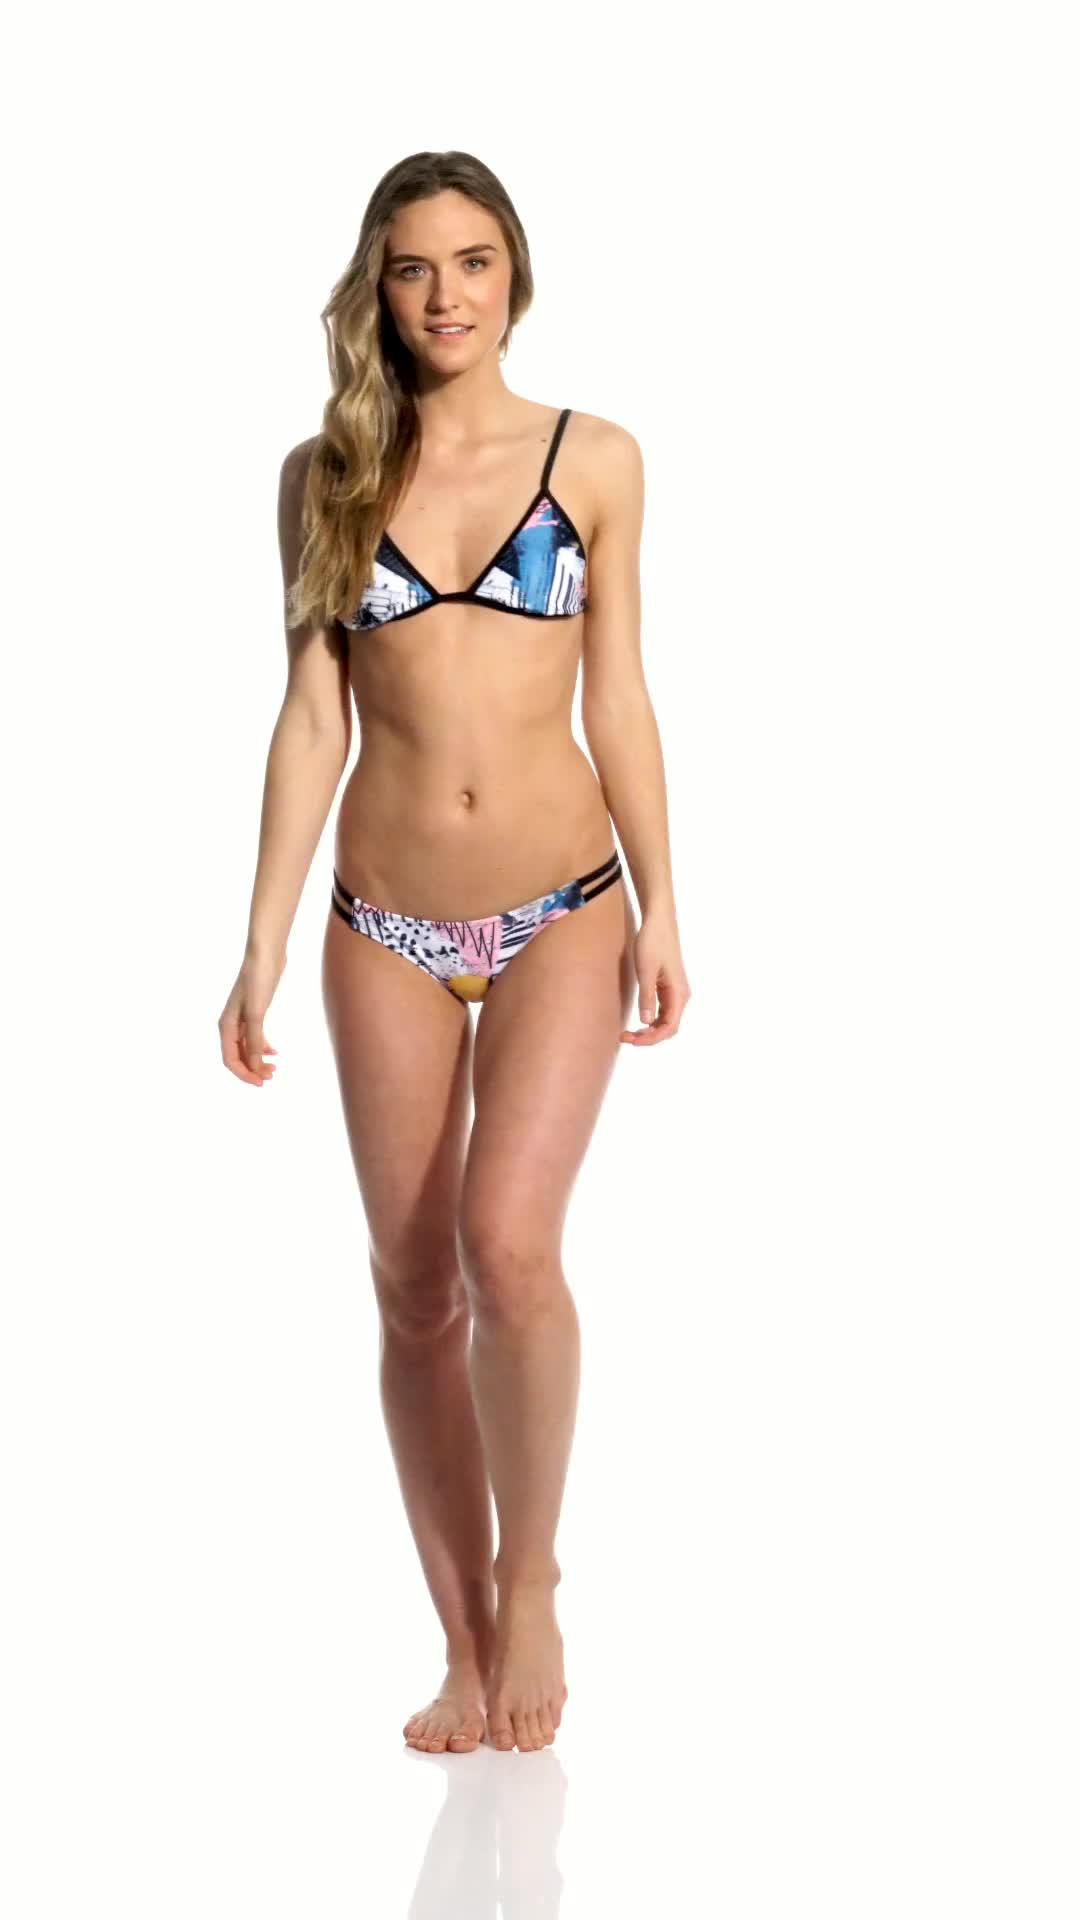 bikini, claire gerhardstein, model, modeling, swimsuit, Claire Gerhardstein GIFs